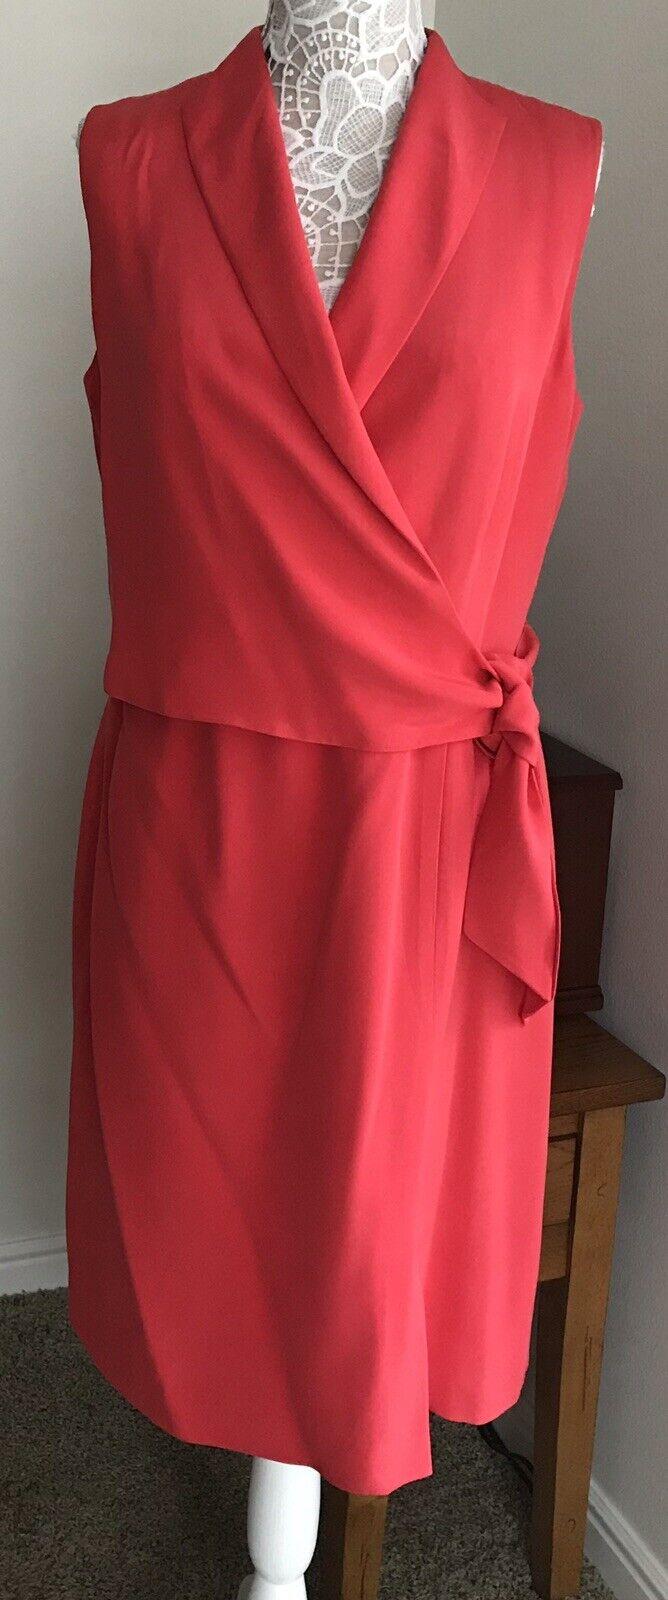 NWT Jones New York Dress Coral 100% Silk Back Zip Side Tie Wrap Dress SZ 14